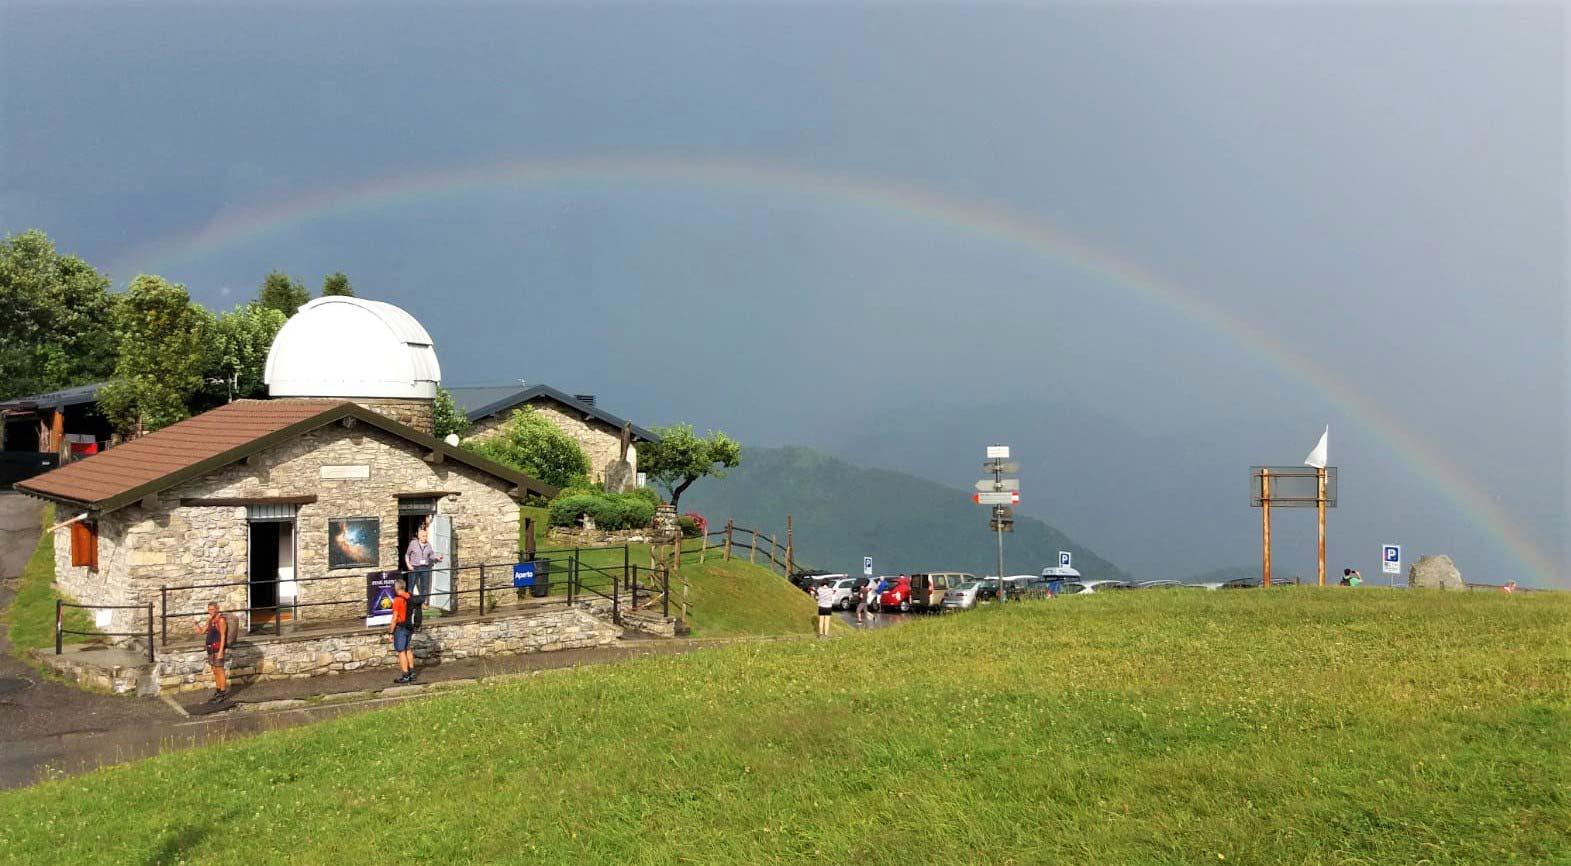 Grande festa per i 30 anni di attività all'Osservatorio